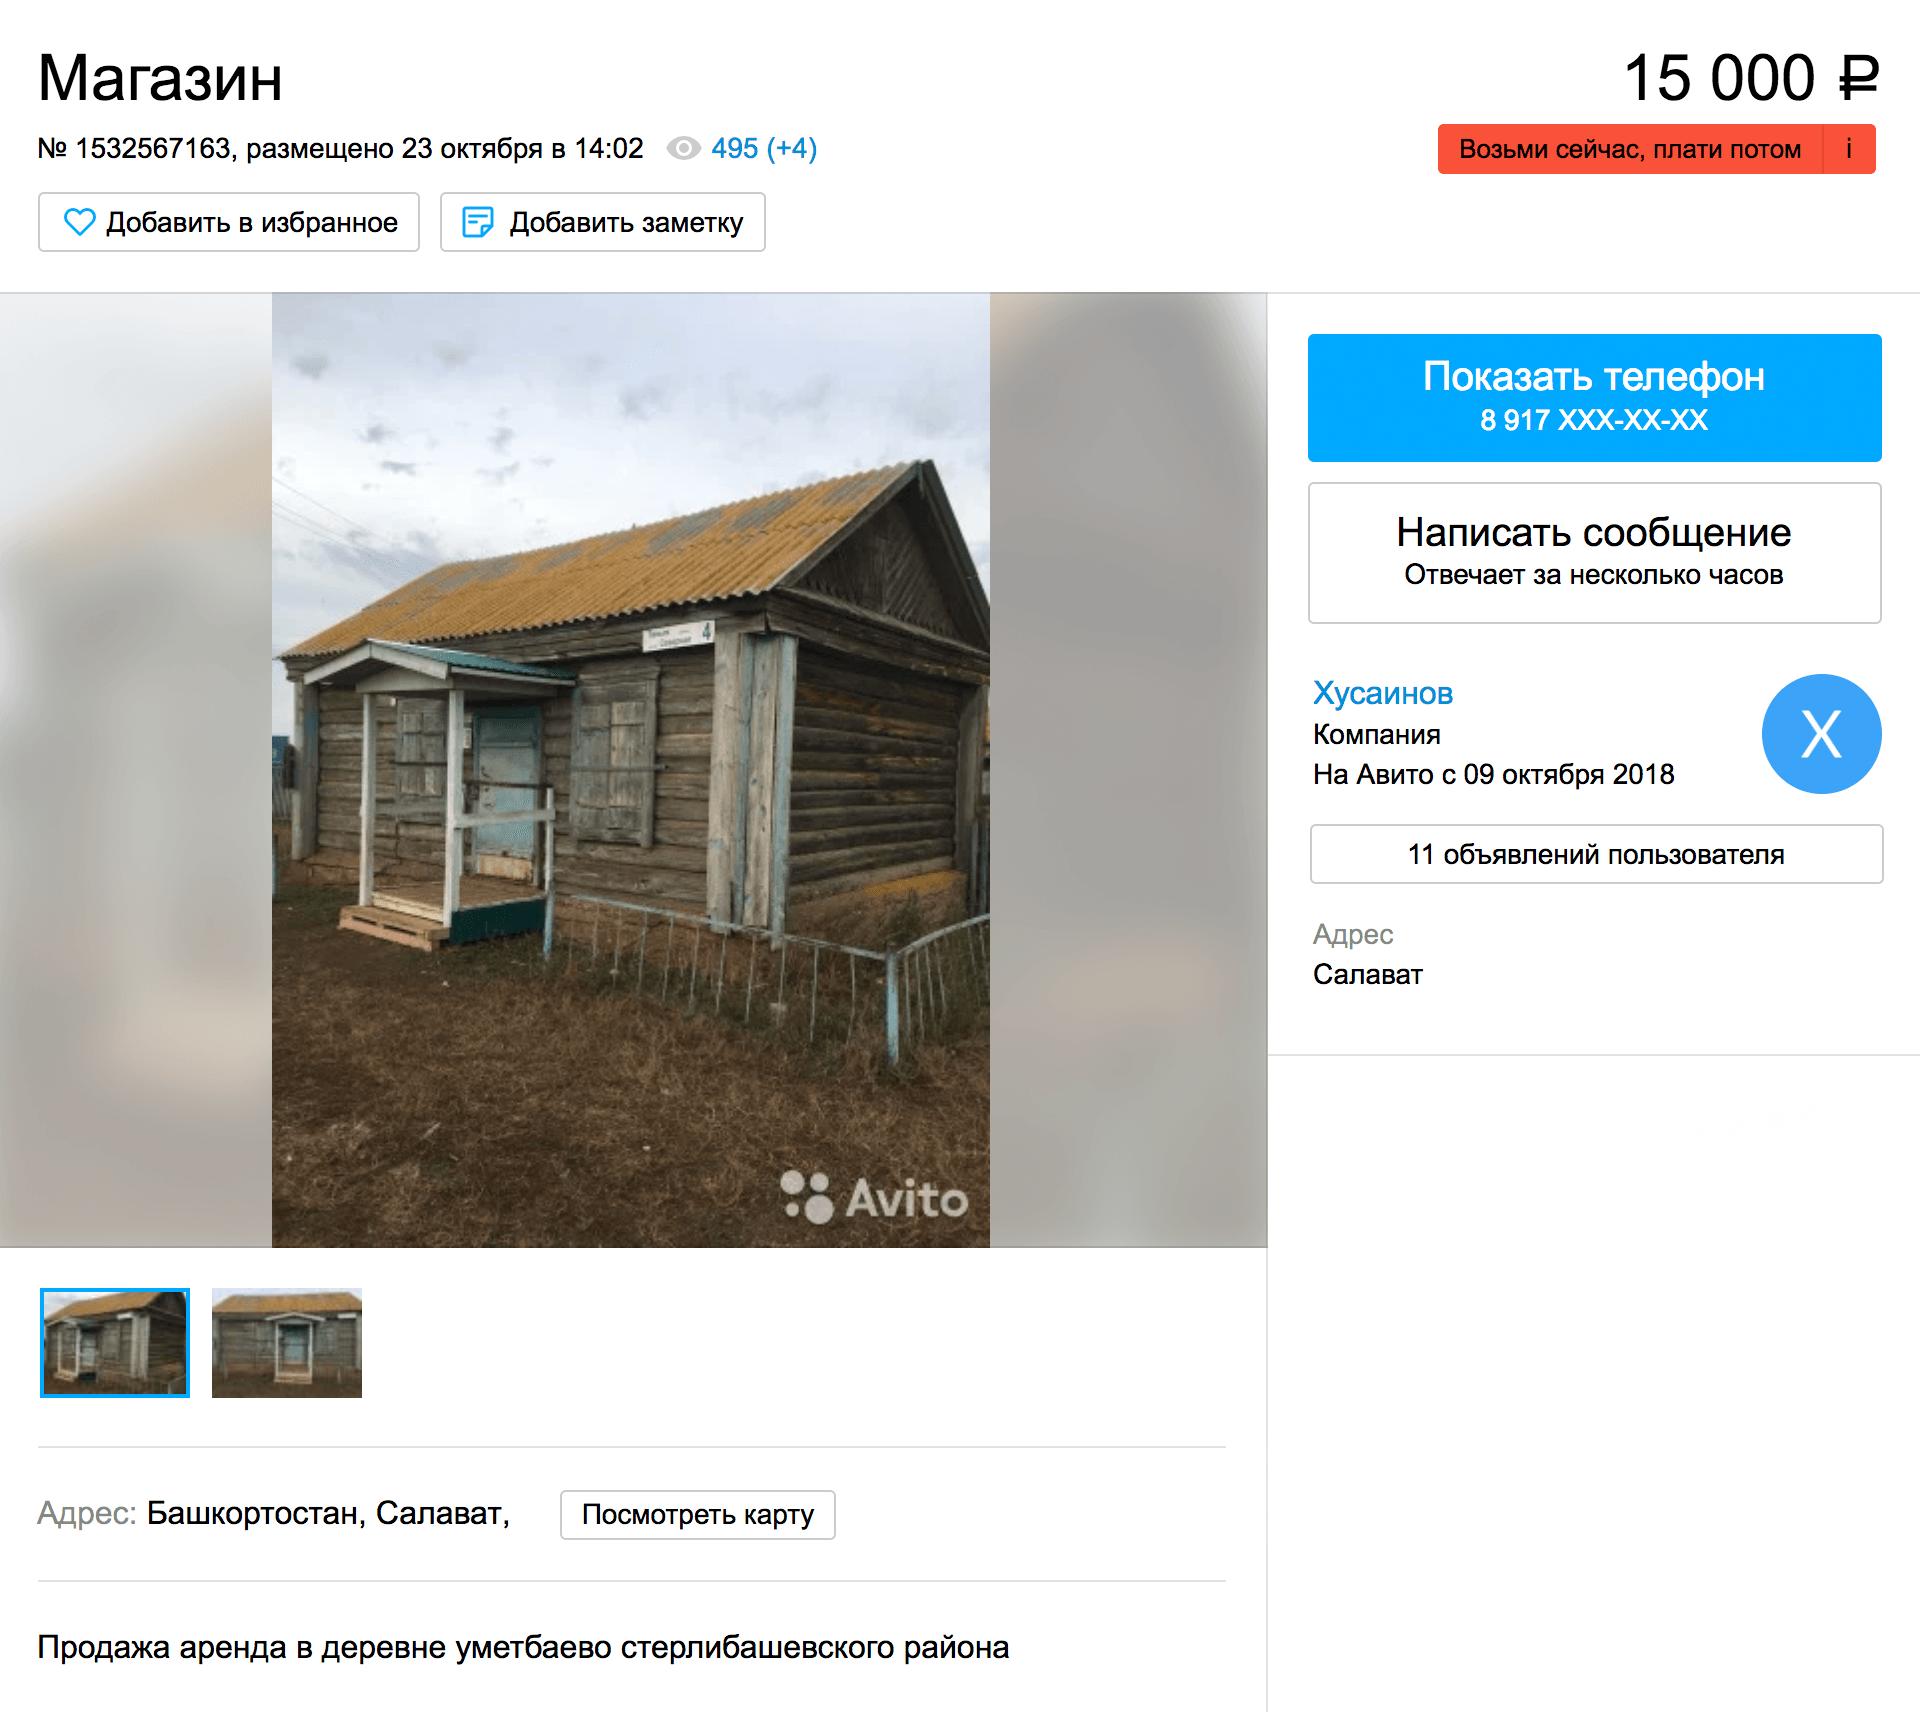 Магазин в Уметбаеве выглядит потрепанным, зато цена привлекательная — всего 15 тысяч. Объявление на «Авито»